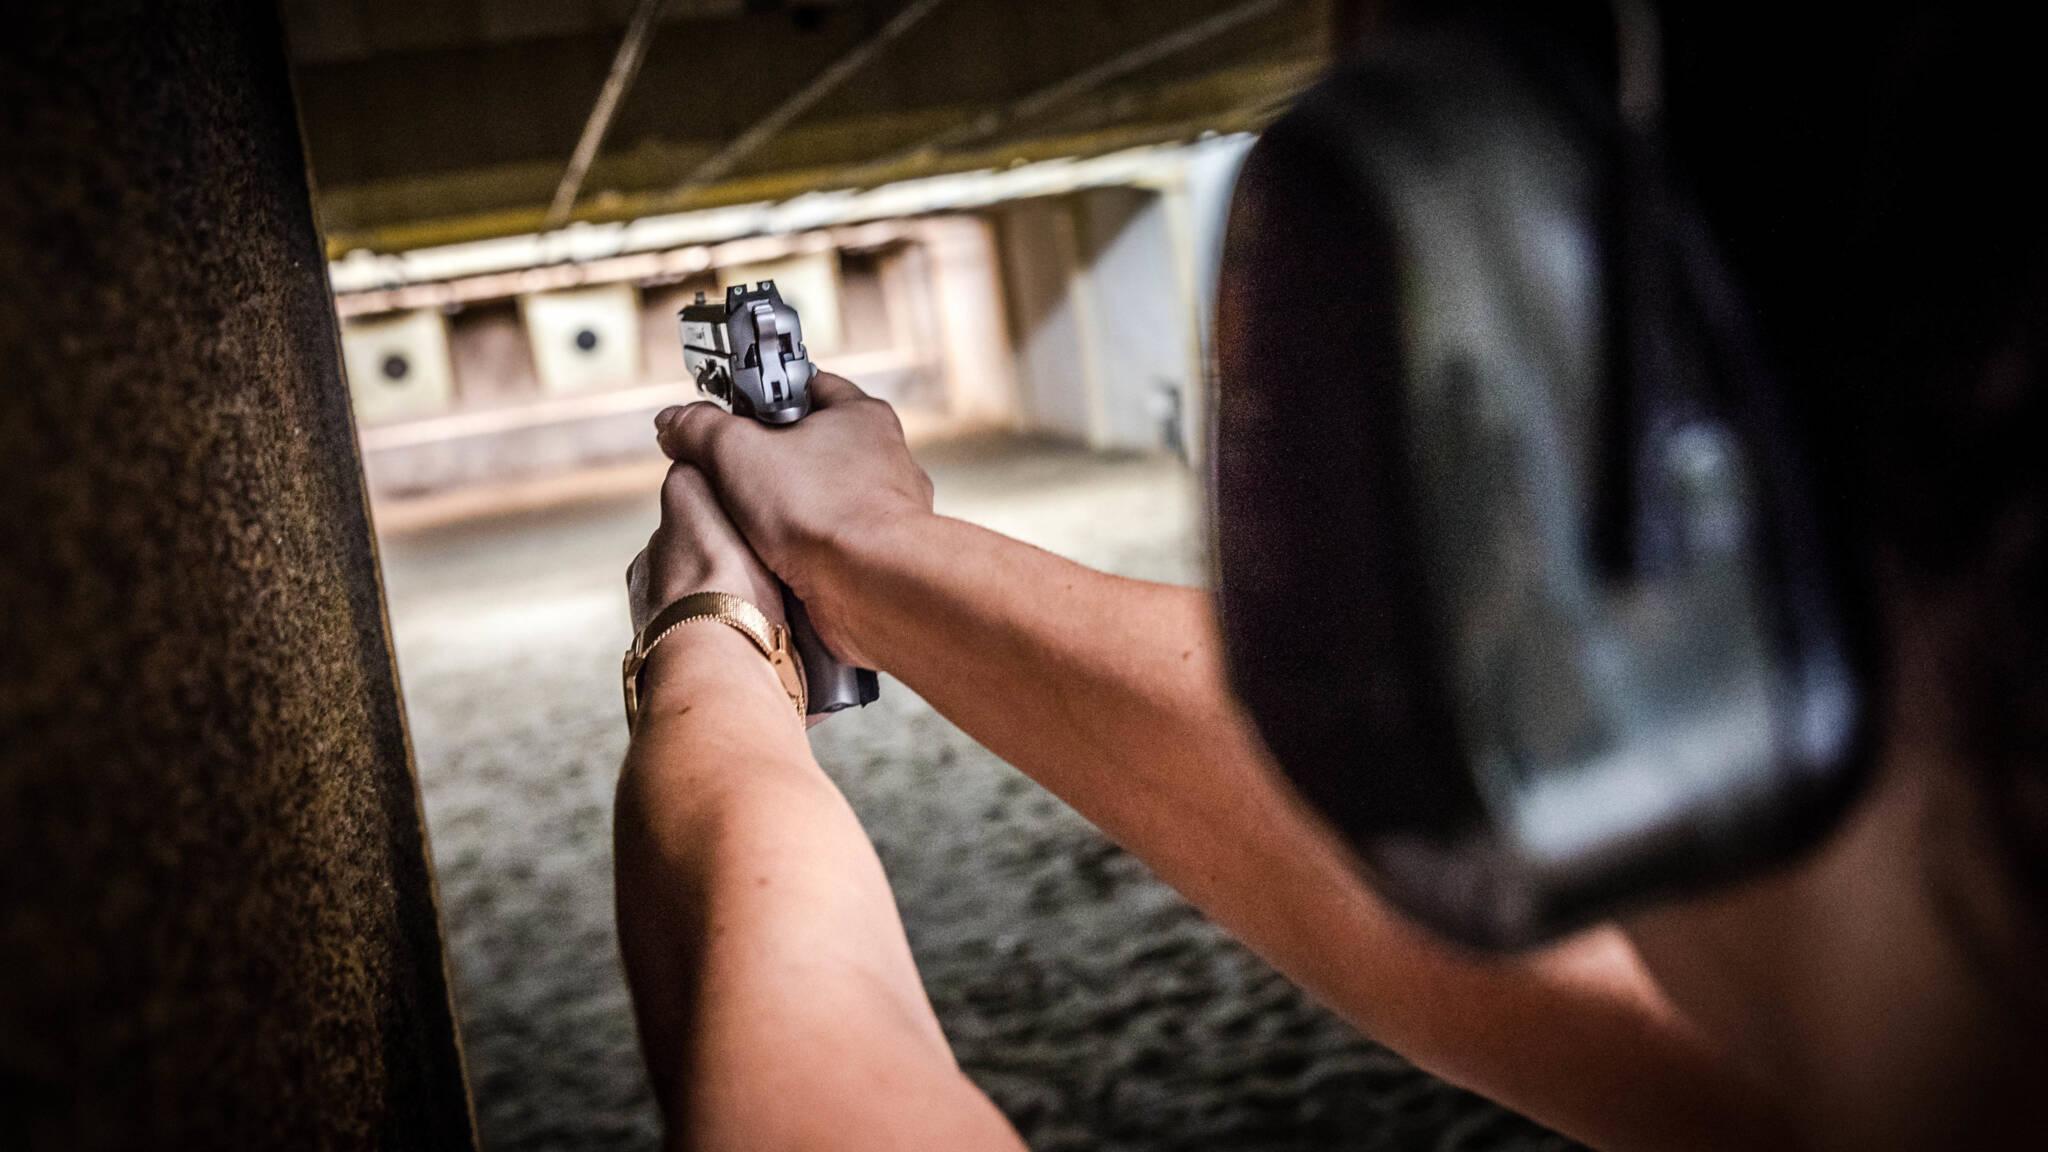 Schietverenigingen waarschuwen voor computertest bij afgifte wapenvergunning